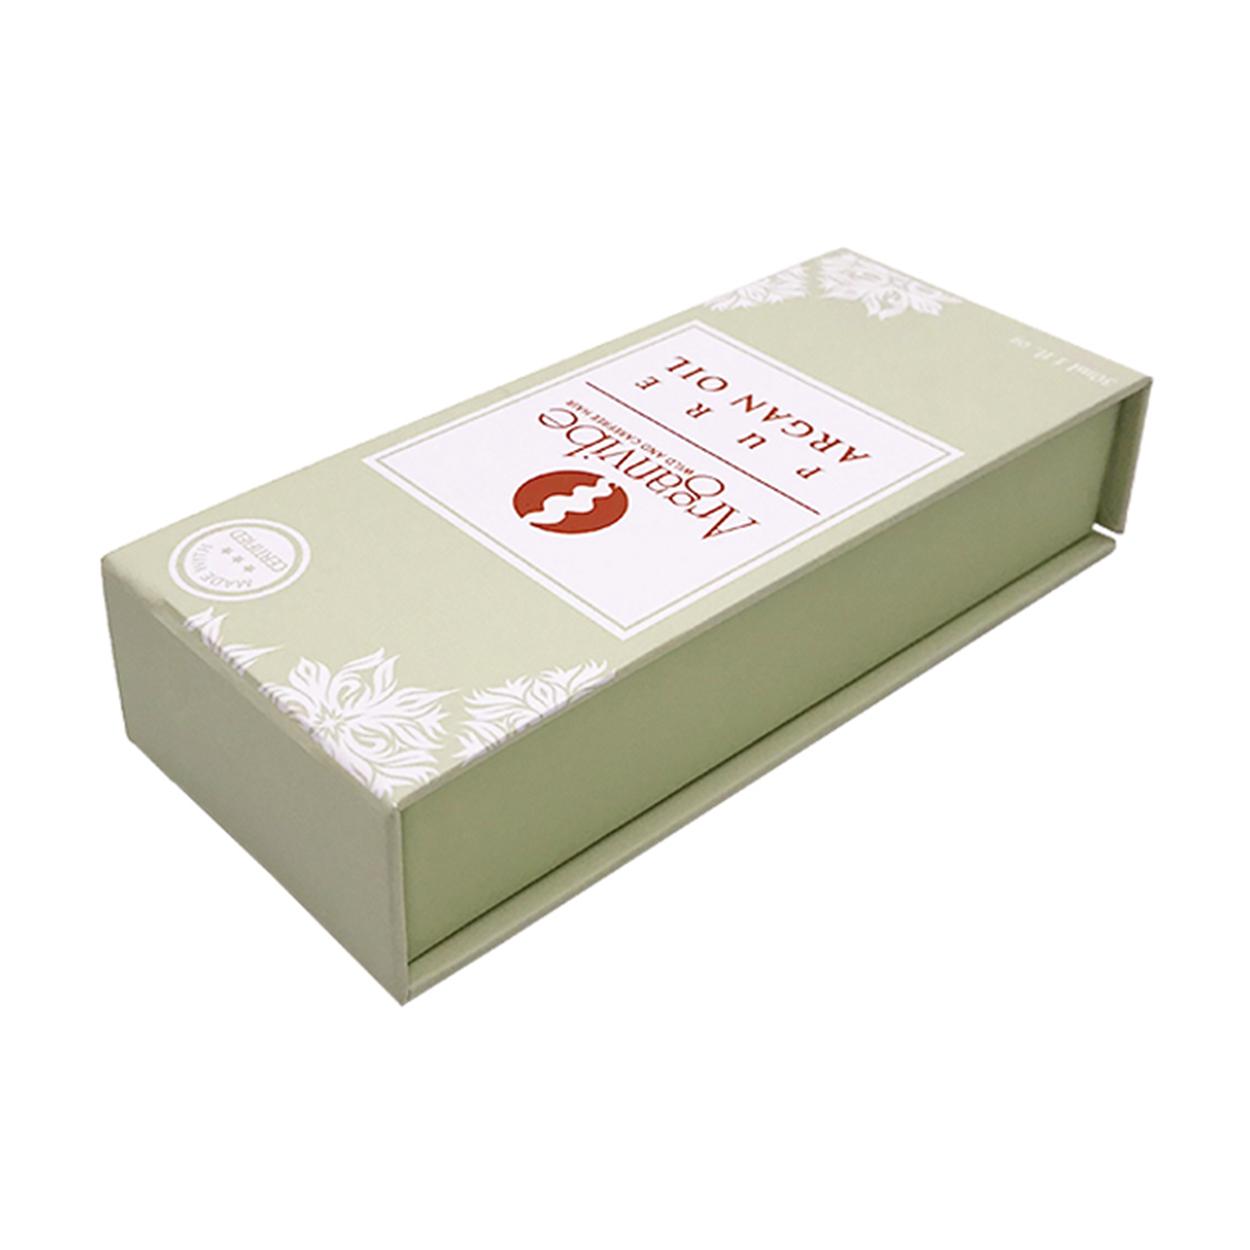 山东包装印刷厂家哪家好?还是找尚邦佳品包装盒定制-济南尚邦佳品包装制品有限公司